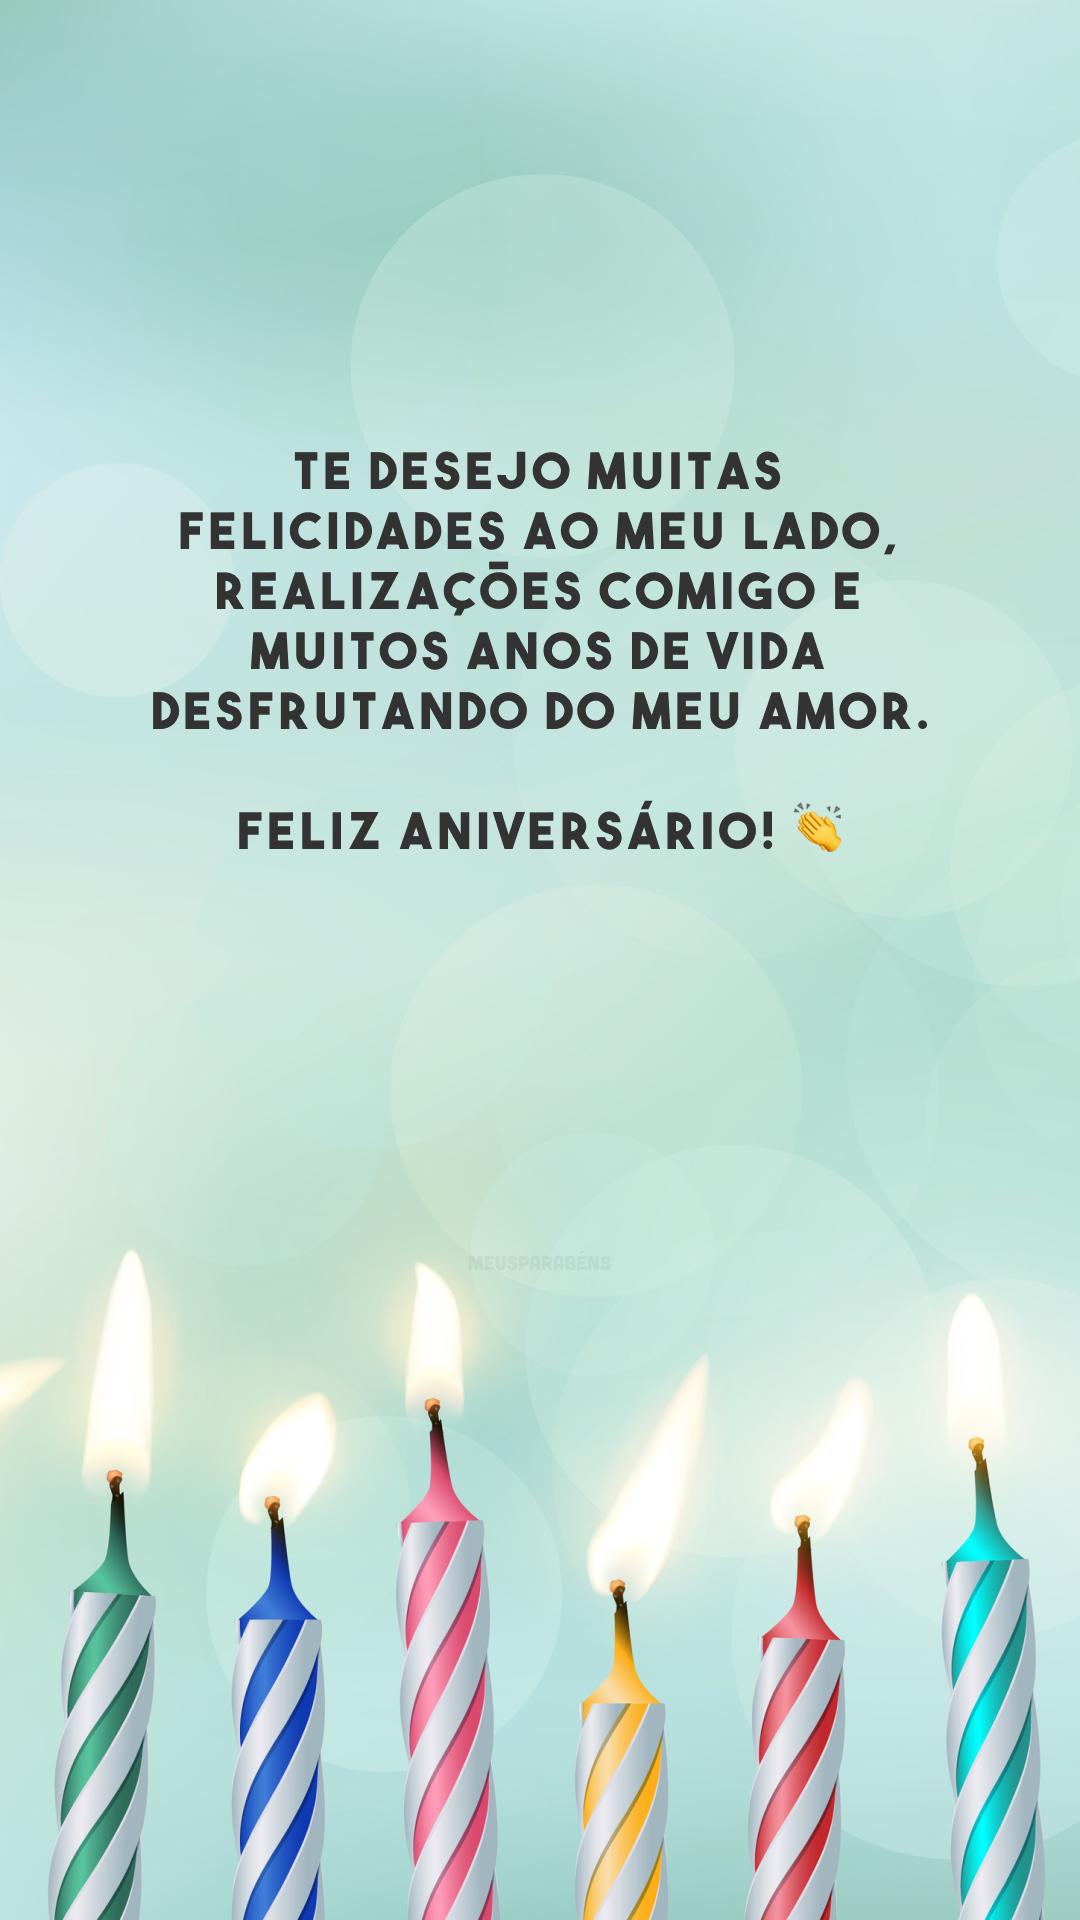 Te desejo muitas felicidades ao meu lado, realizações comigo e muitos anos de vida desfrutando do meu amor. Feliz aniversário! 👏